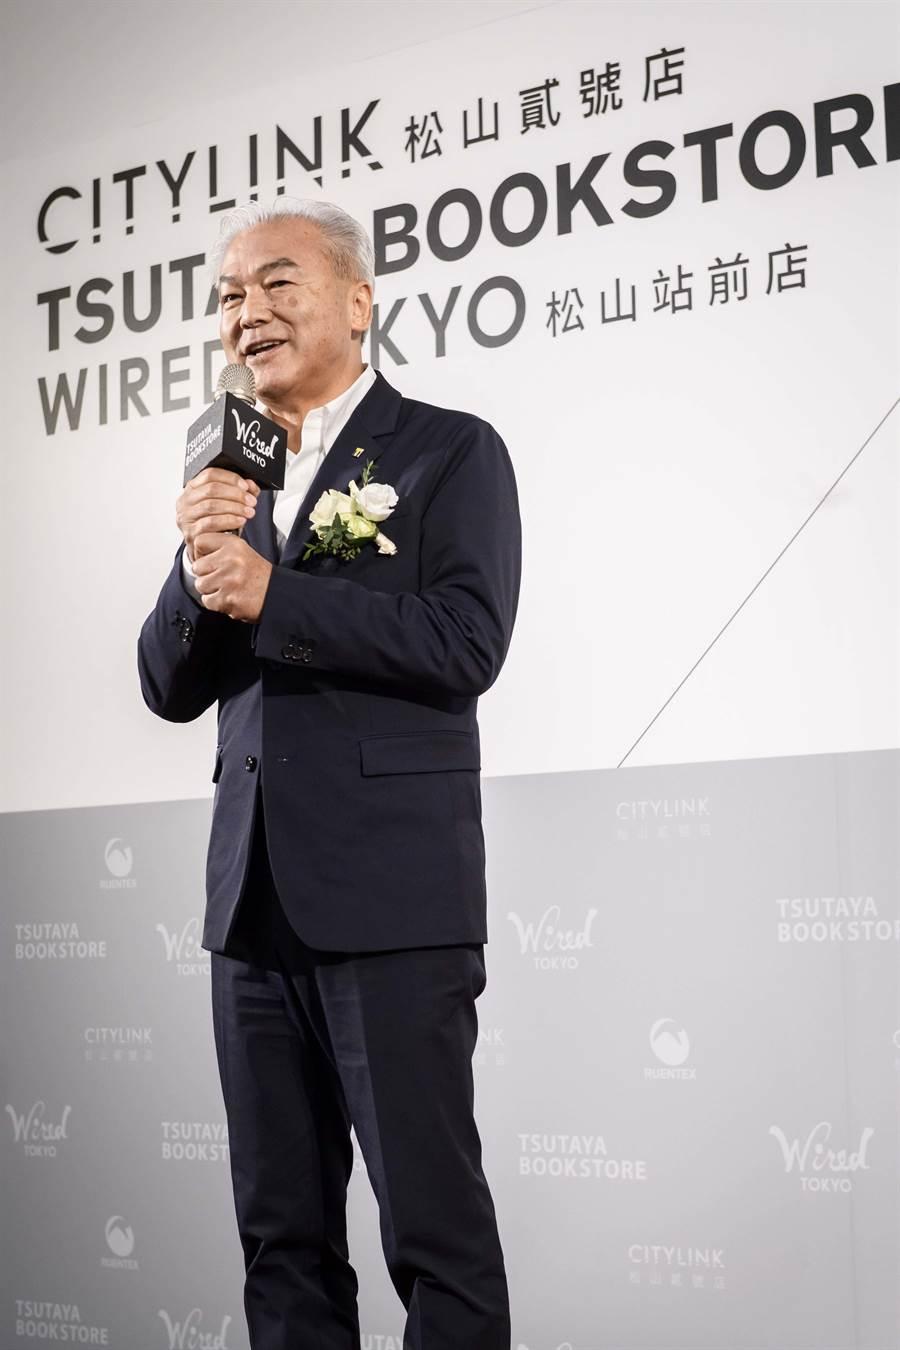 CCC集團社長增田宗昭首度在台與貴賓和媒體近距離分享集團最為重視的「生活提案」。(潤泰創新提供)